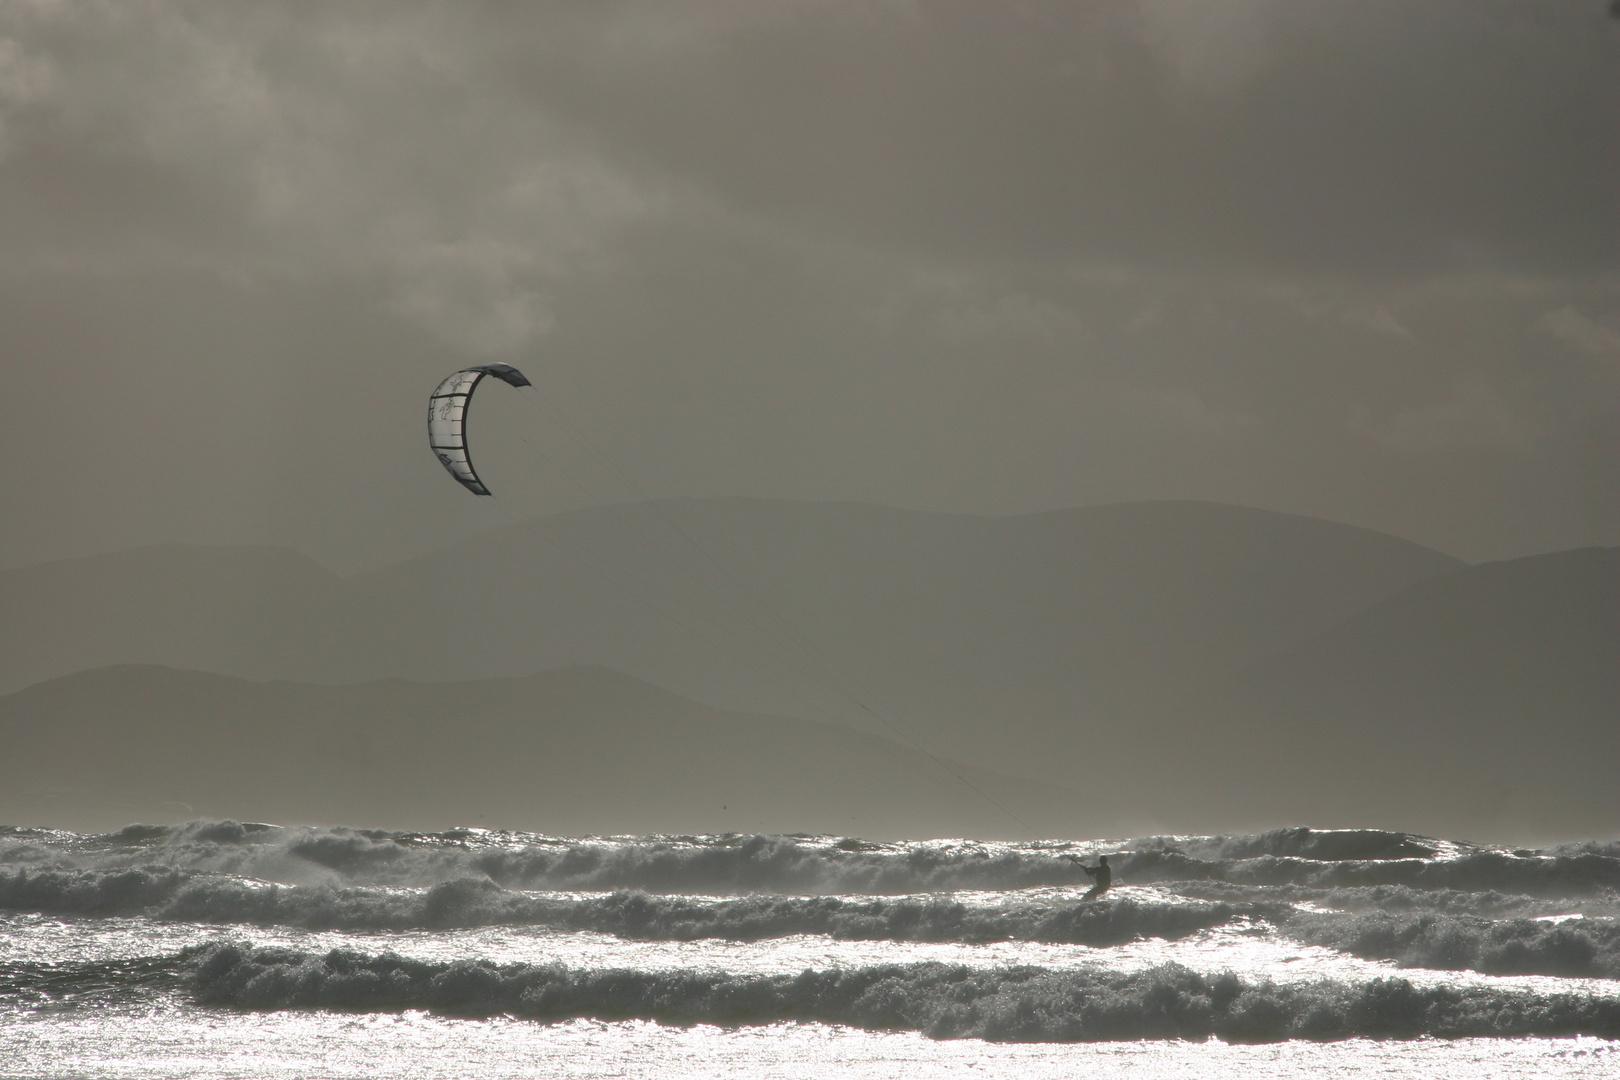 Kiter am Inch Beach